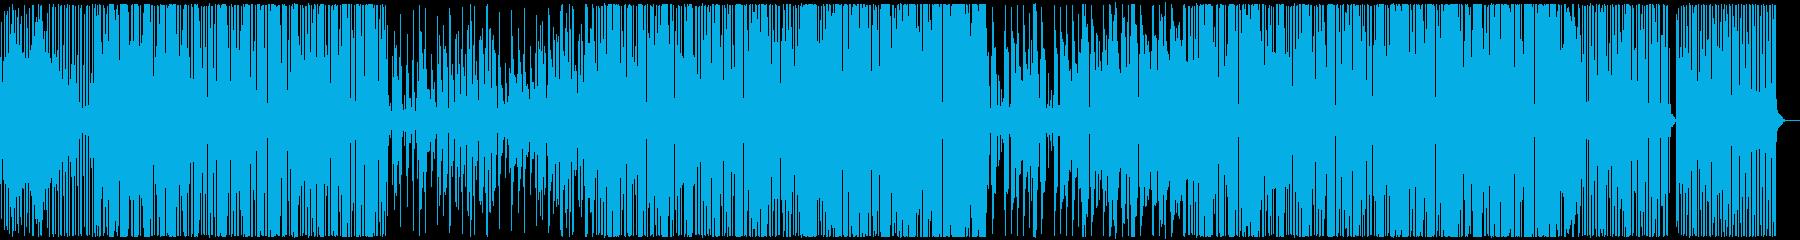 アナログ・癒し・チル・テクスチャー系の再生済みの波形